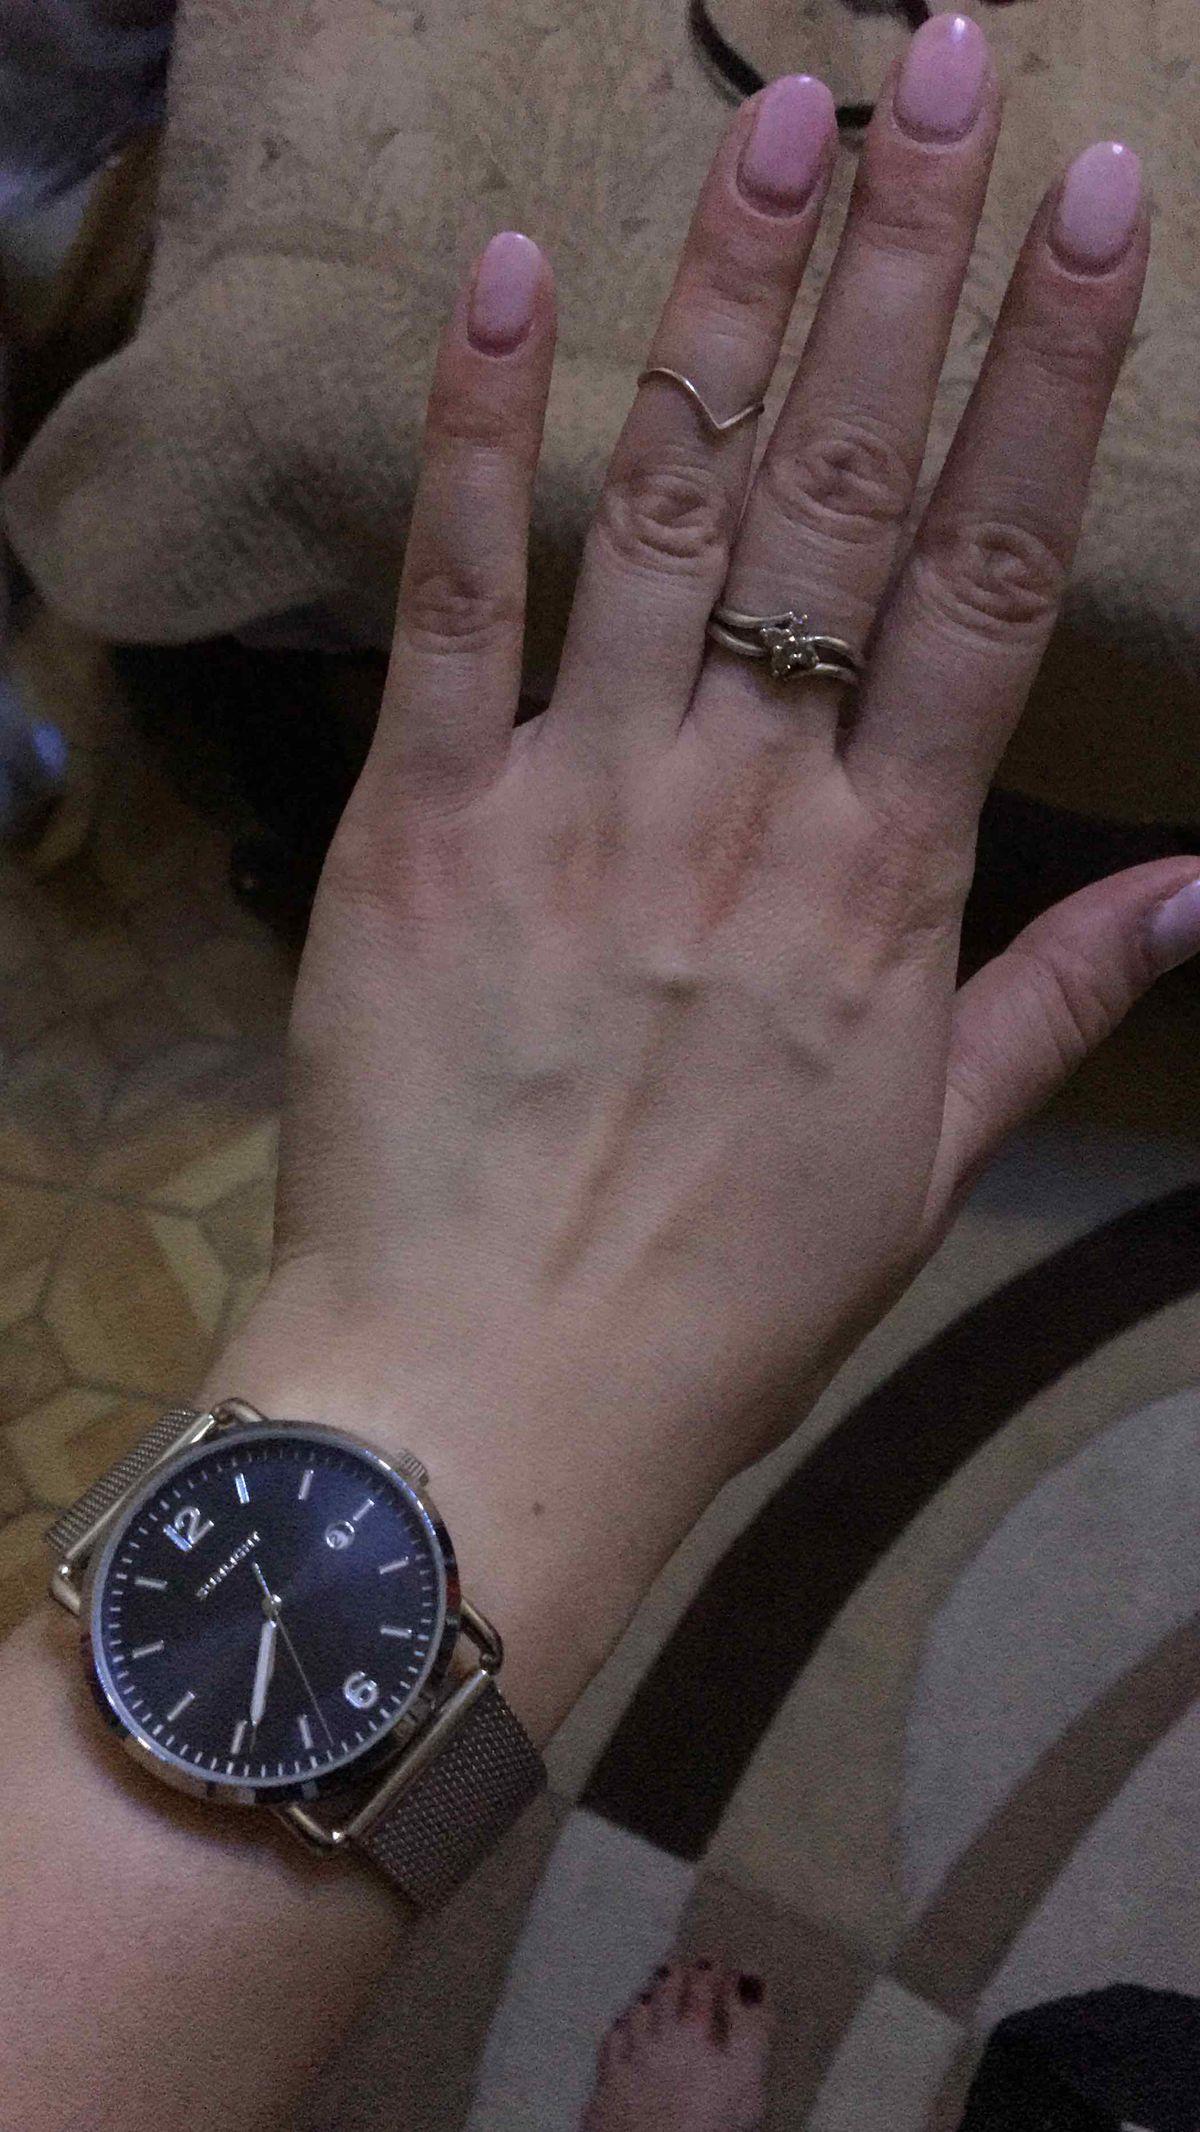 Универсальнве часы, которые подойдут практически к любому образу